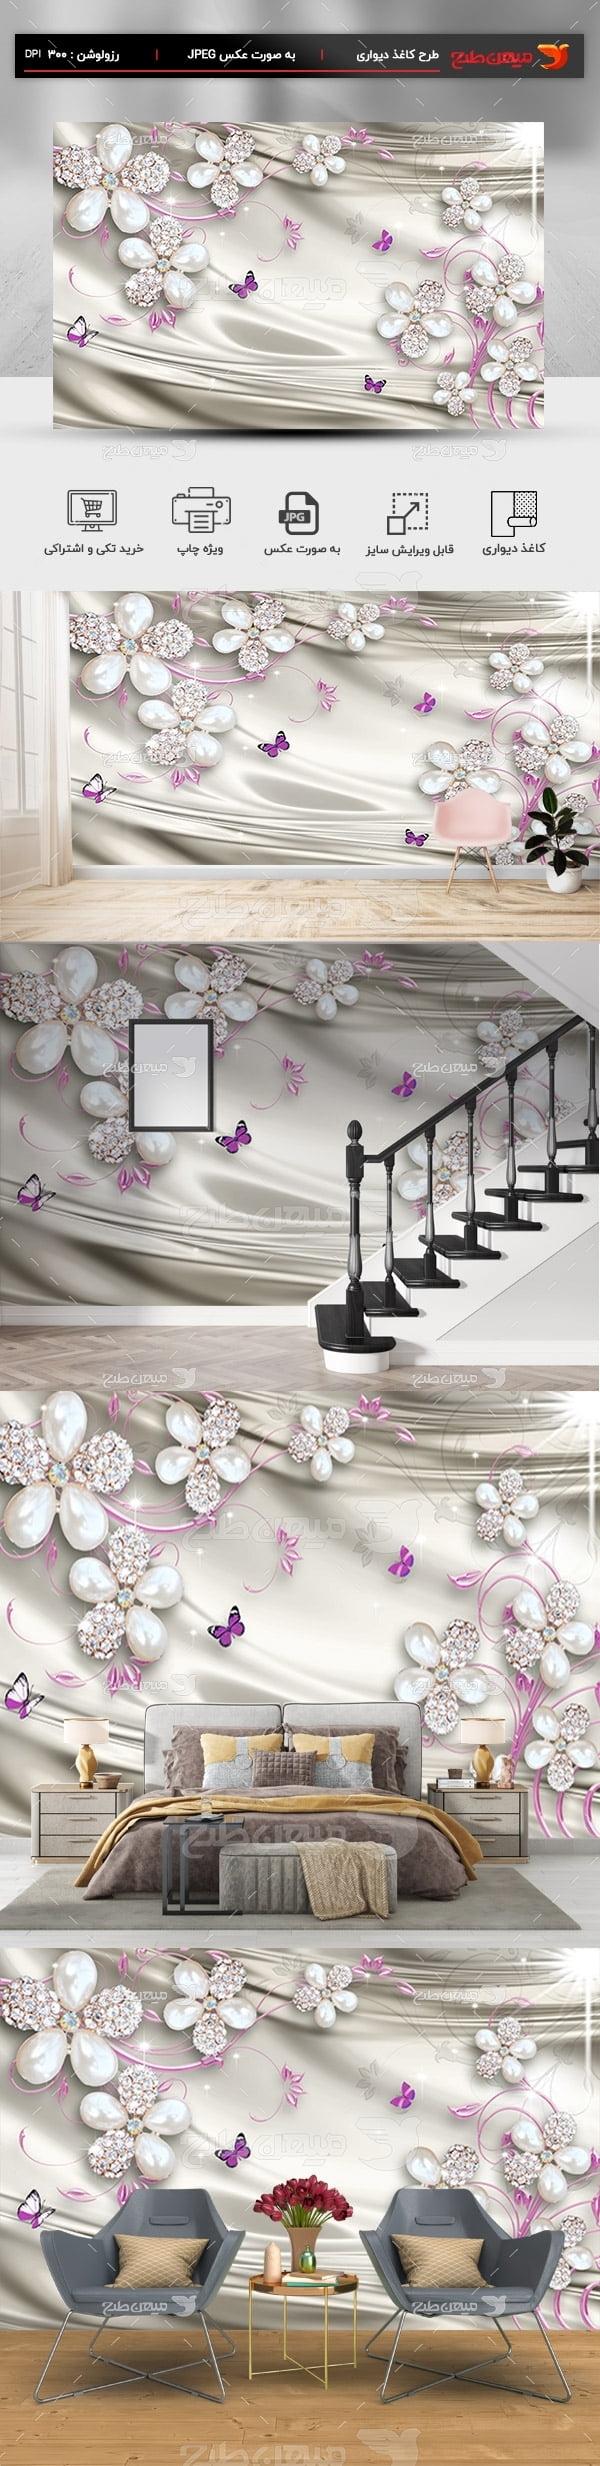 پوستر کاغذ دیواری سه بعدی گل و پروانه